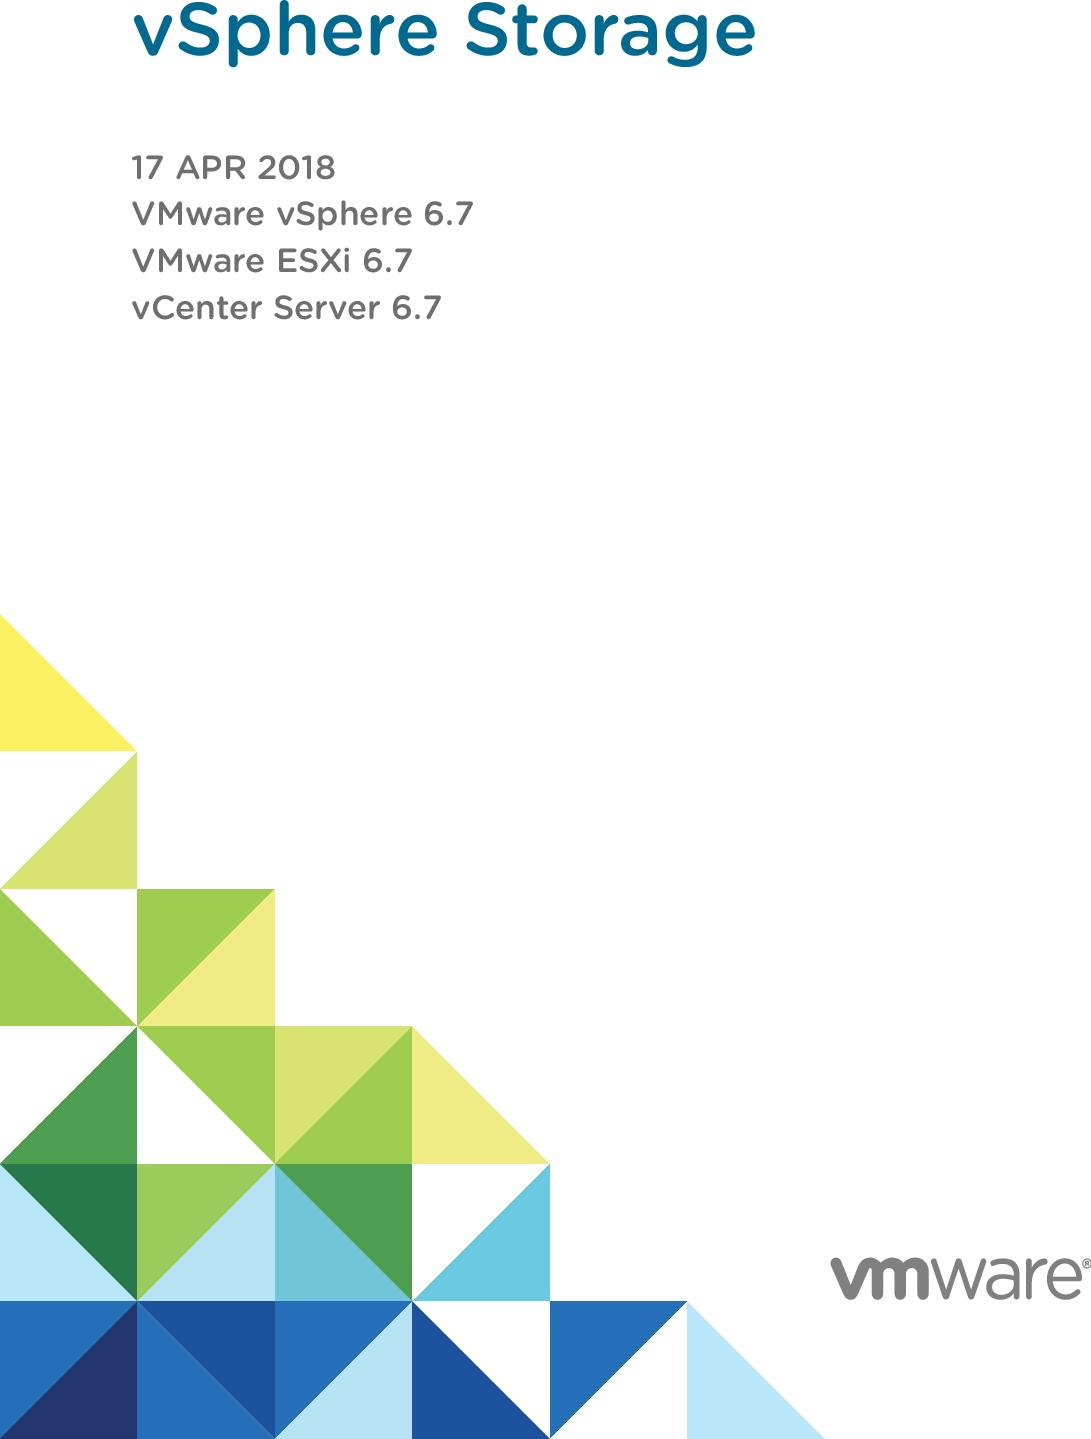 VSphere Storage VMware 6 7 V Center Server esxi vcenter 67 EN